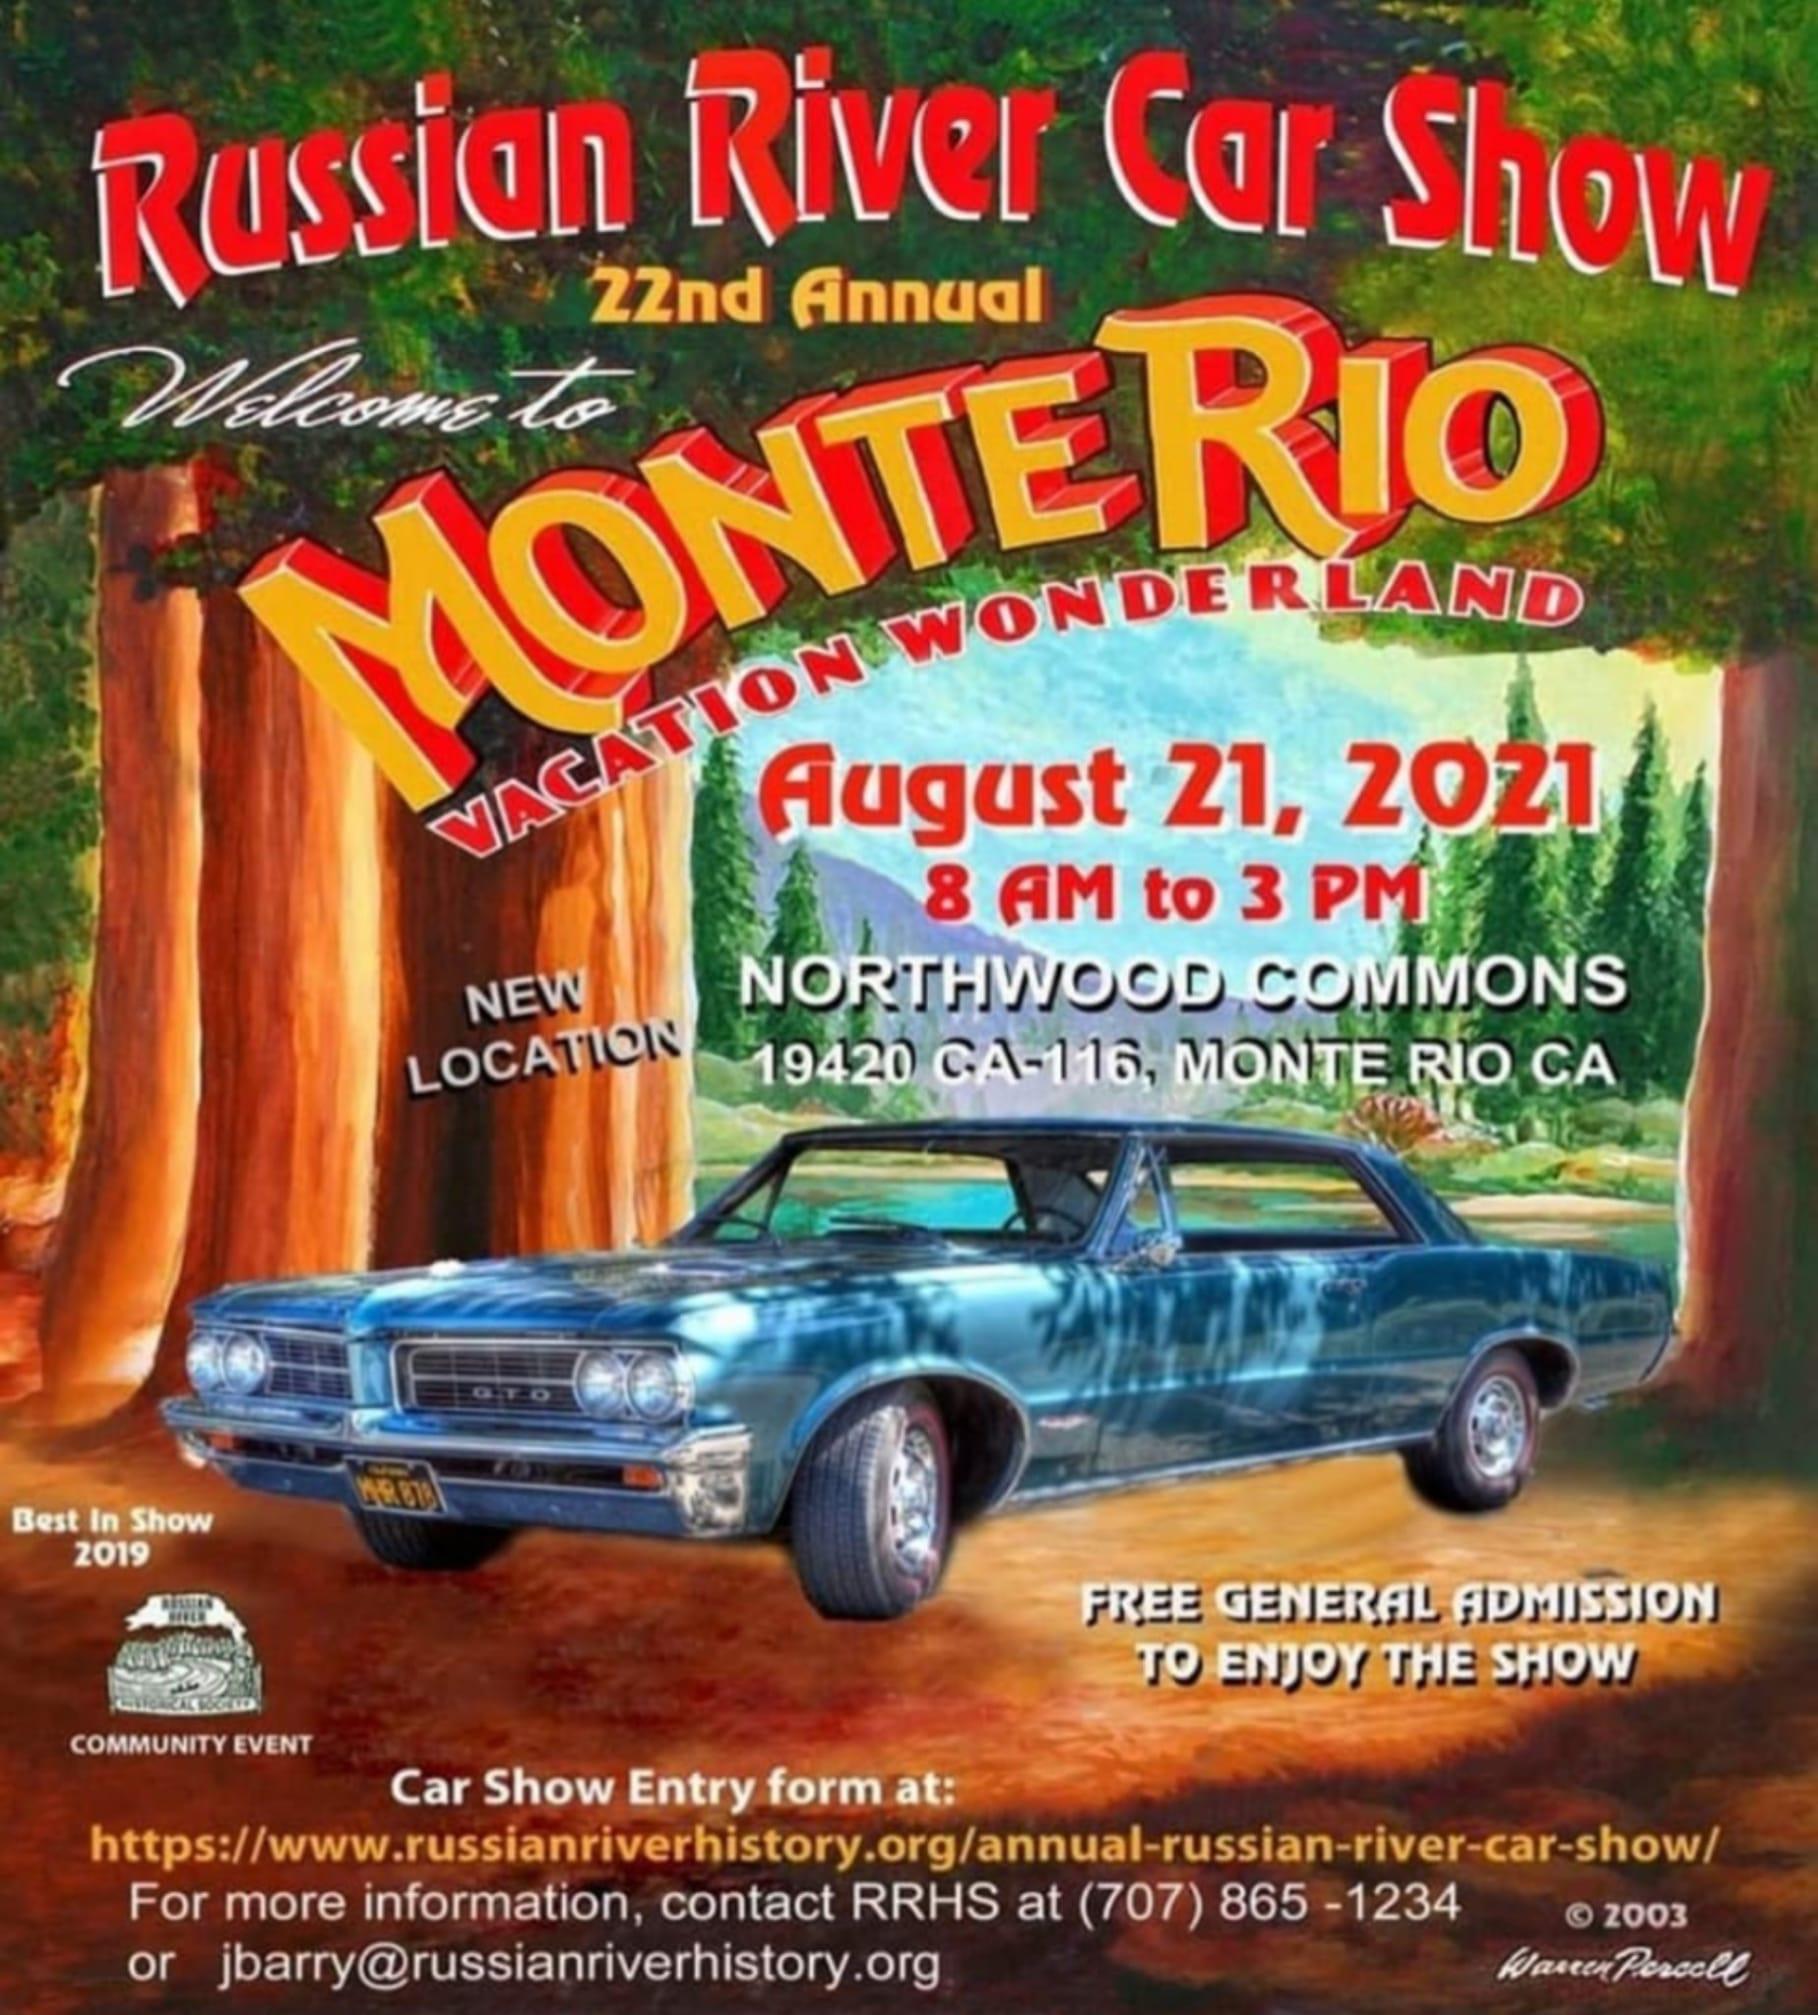 Russian River Car Show